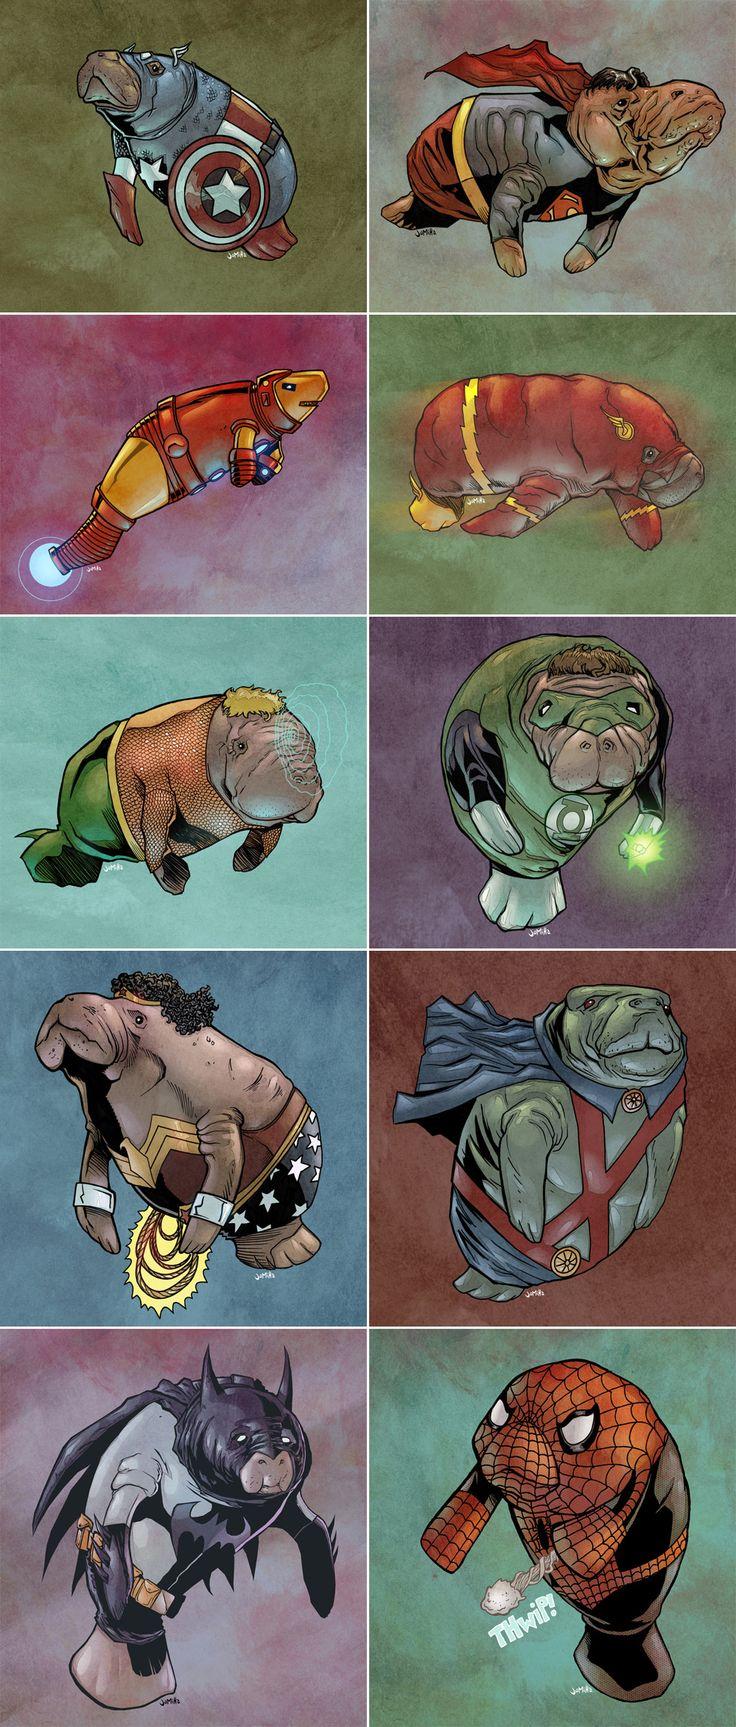 Superhero manatees: Super Manat, Random, Superheroes, Things, Manat Superhero, Super Heroes, Manatees, Funnies Stuff, Superhero Manat